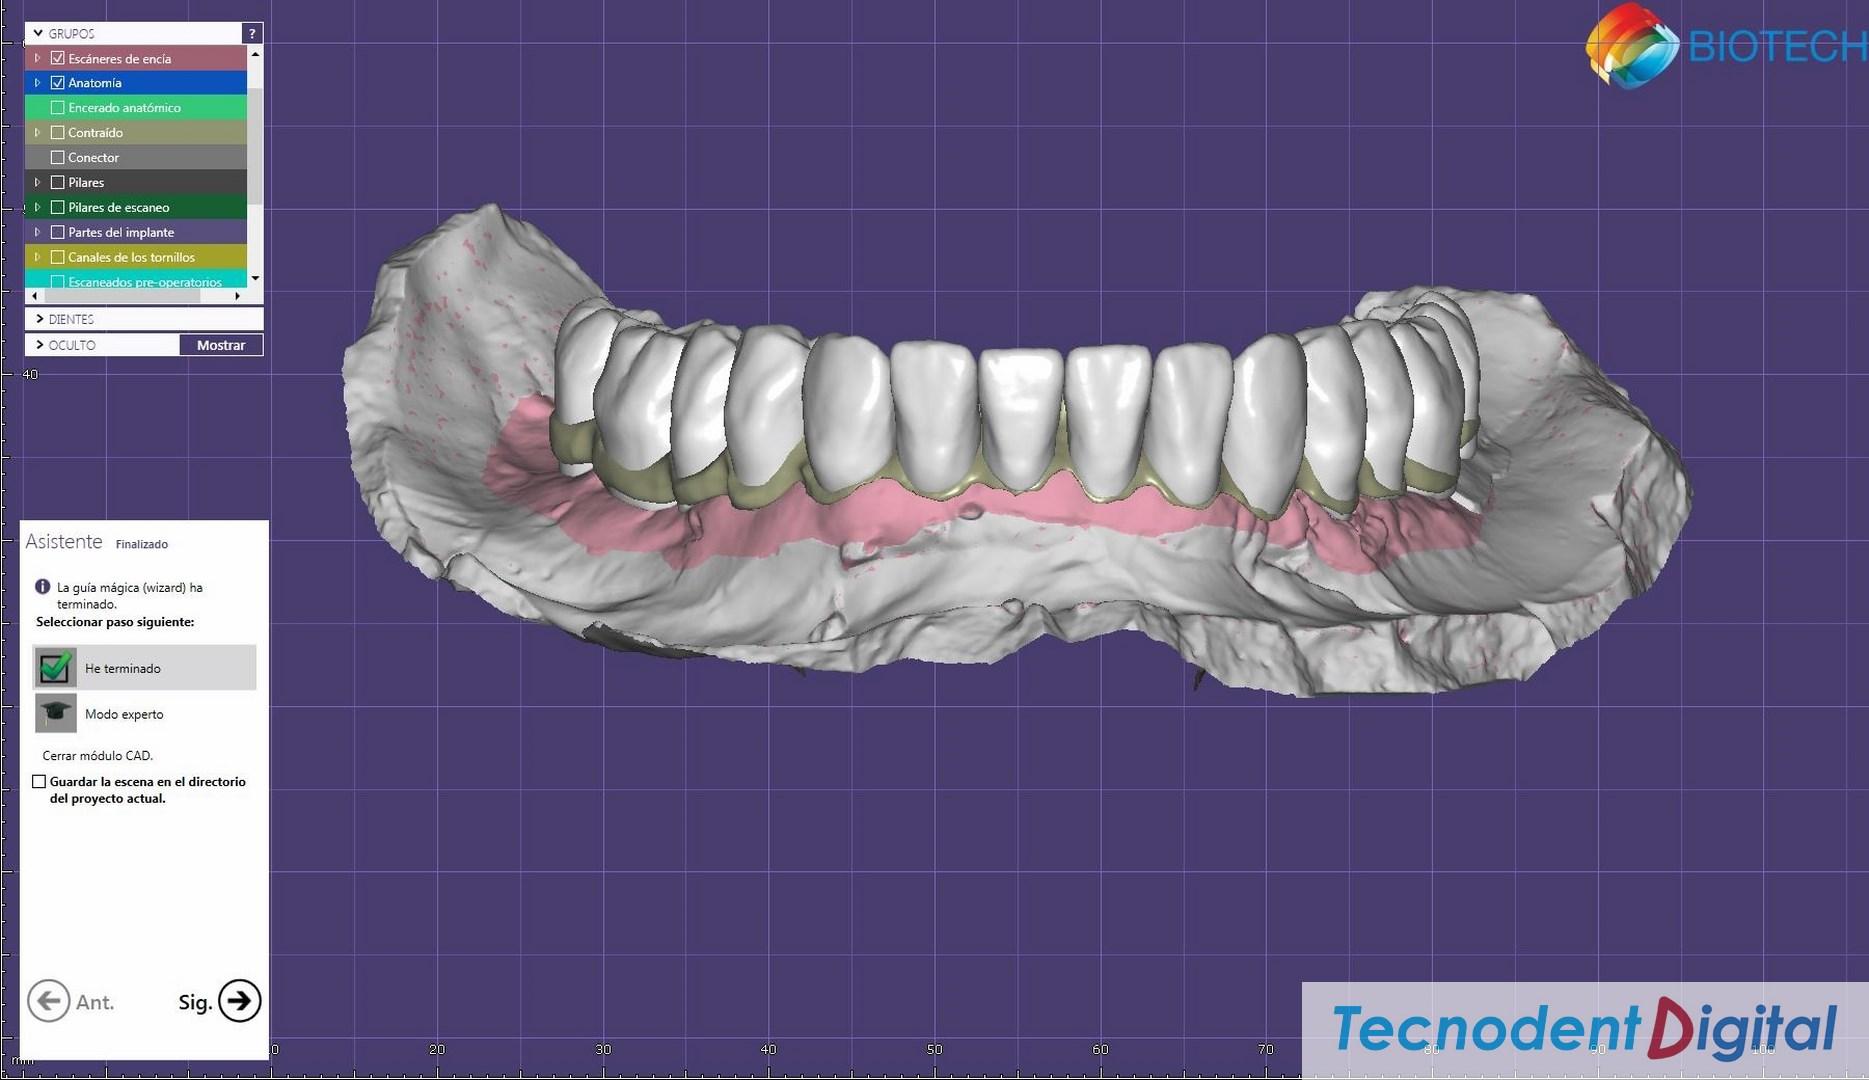 Rehabilitacion sobre implantes Exocad thimble coronas dientes a tope